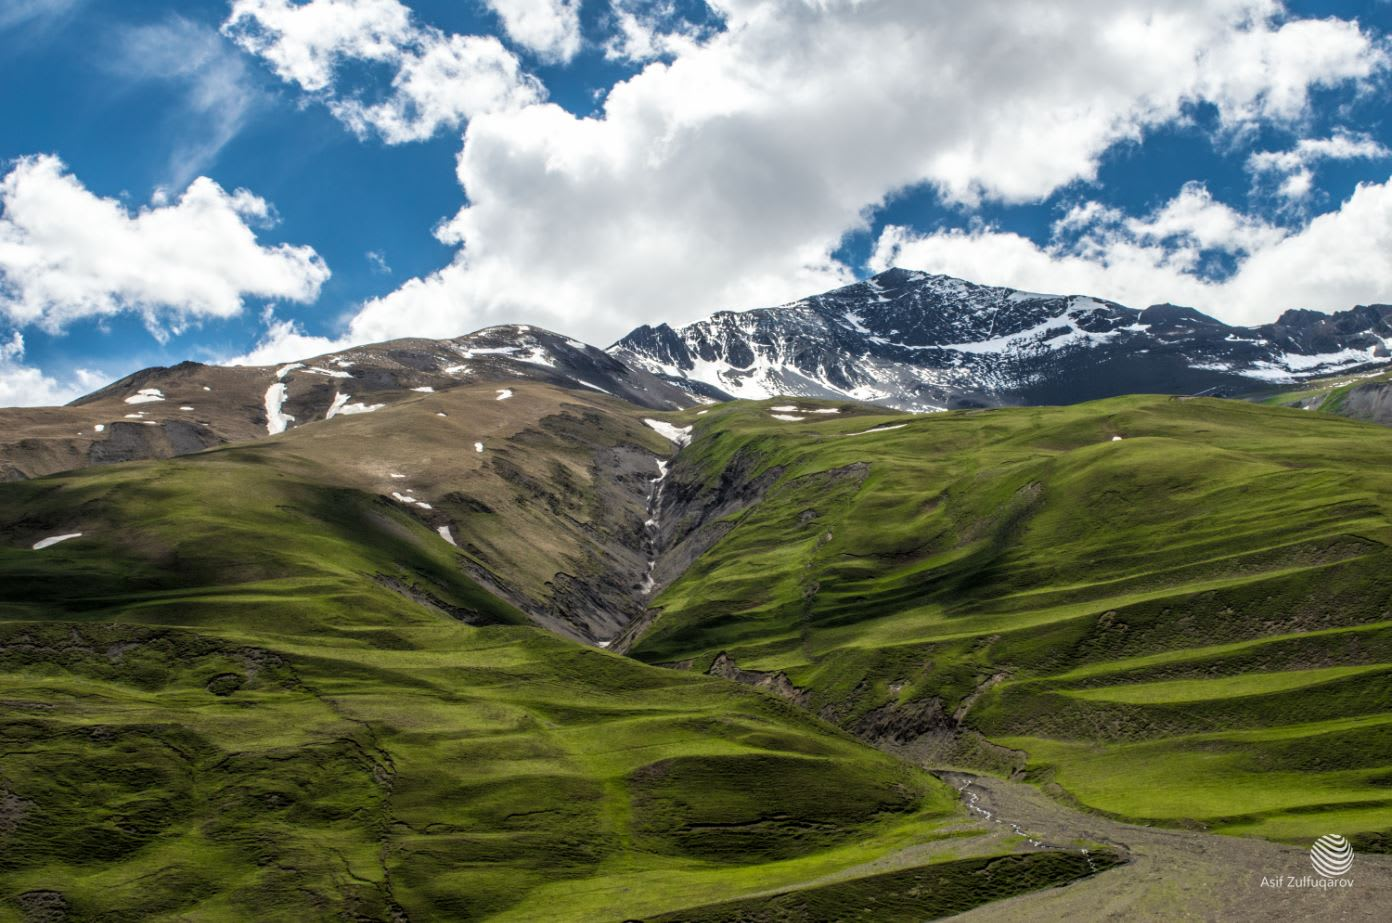 بين السحب.. إليك مشاهد ساحرة في الطريق لأعلى قمة بأذربيجان